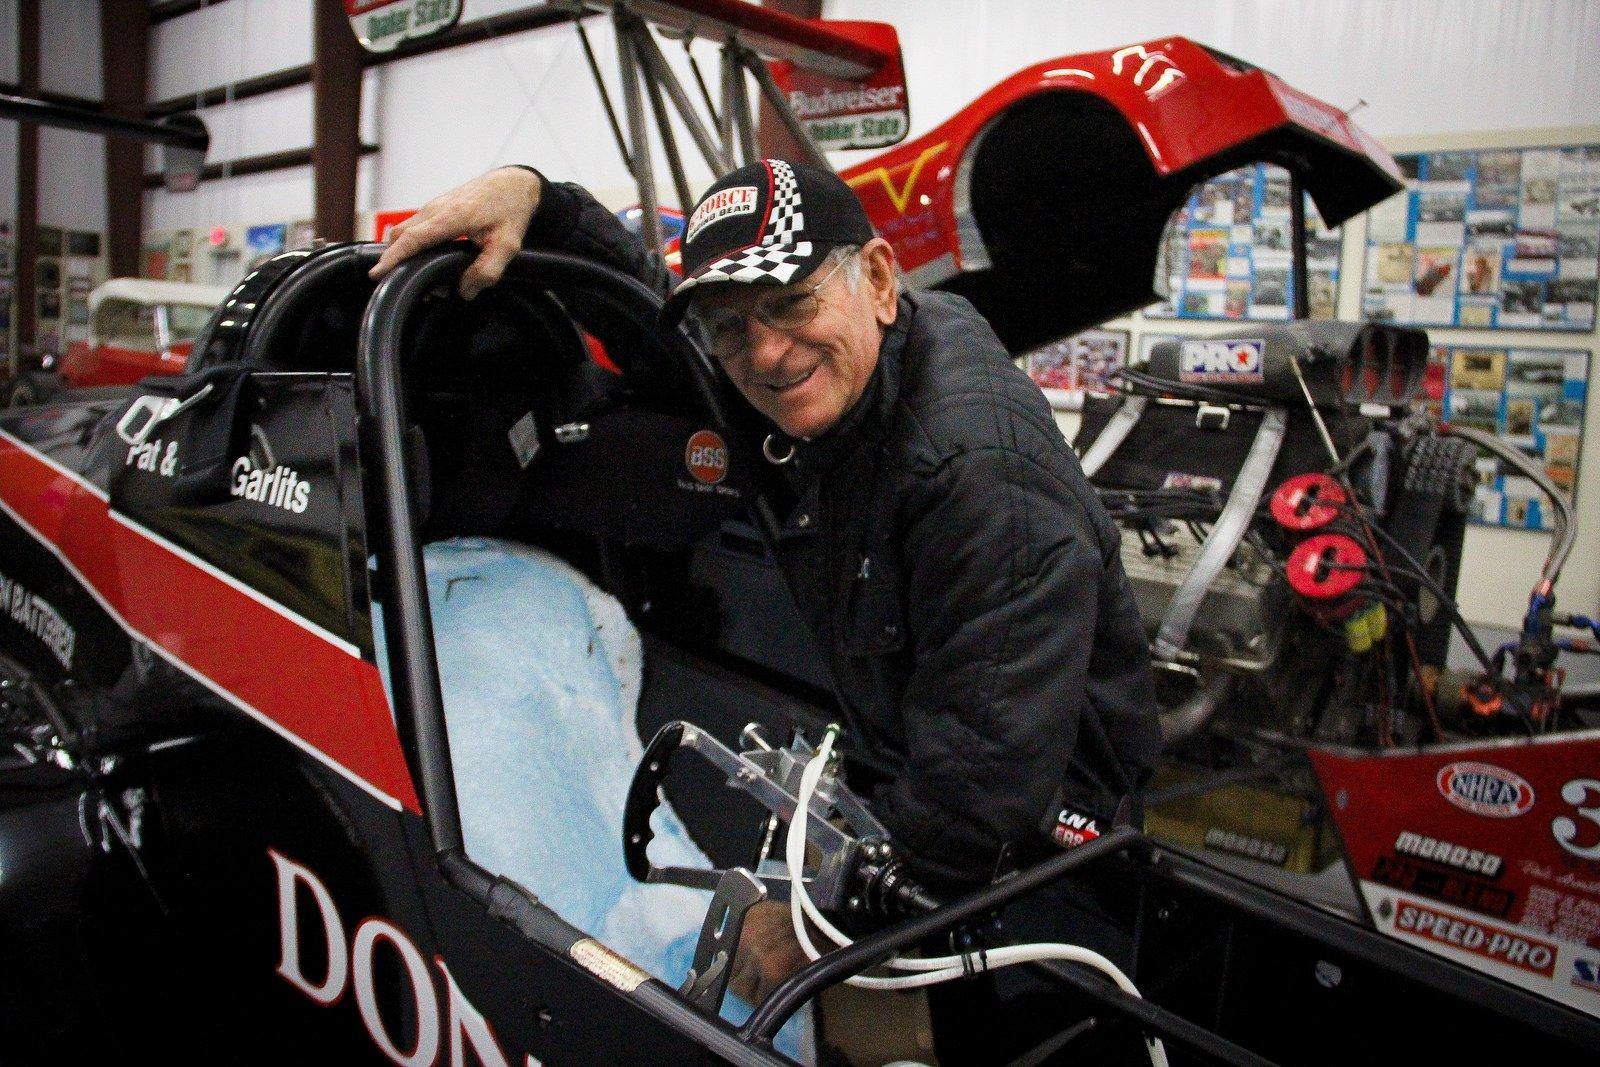 Don Garlits im Cockpit seines Elektro-Dragsters: Nur durch einen Spezialsitz kann er die enormen Kräfte auf seinen Körper während der Beschleunnigung aushalten.